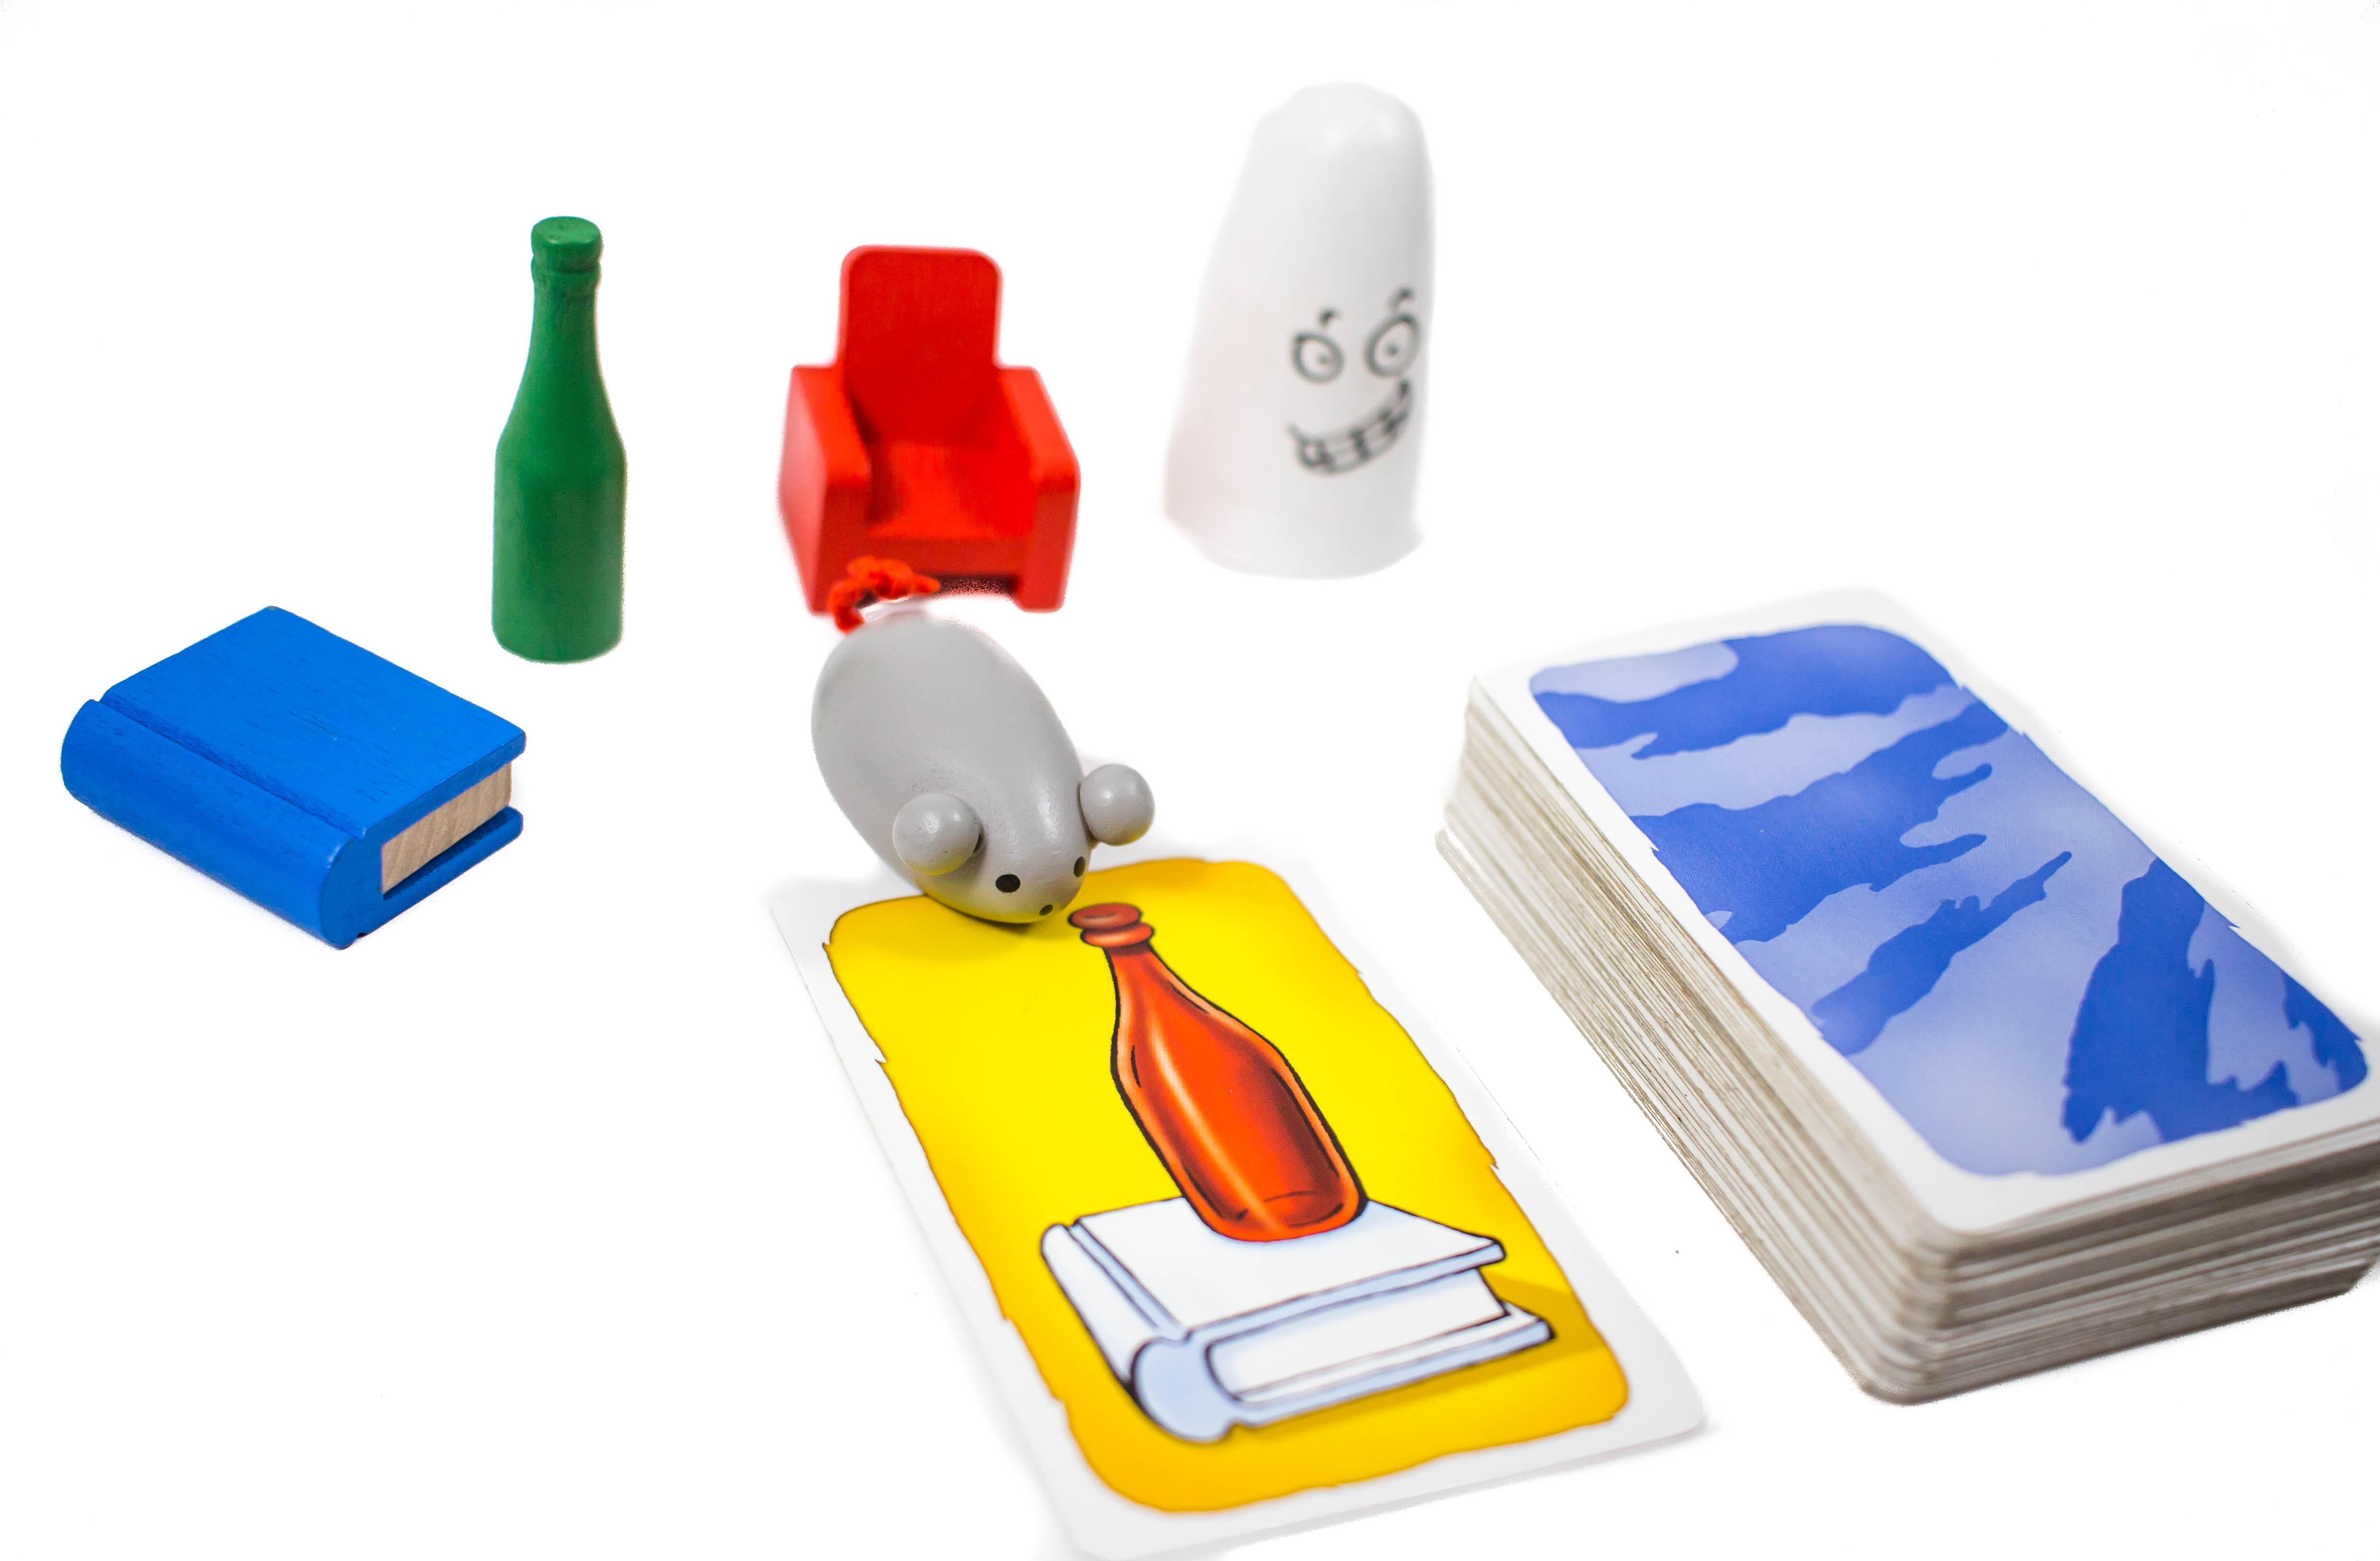 Megjelenik a könyv és a szellem (könyv fehér és nem kék), megjelenik a palack és a fotel (a palack piros és nem kék.